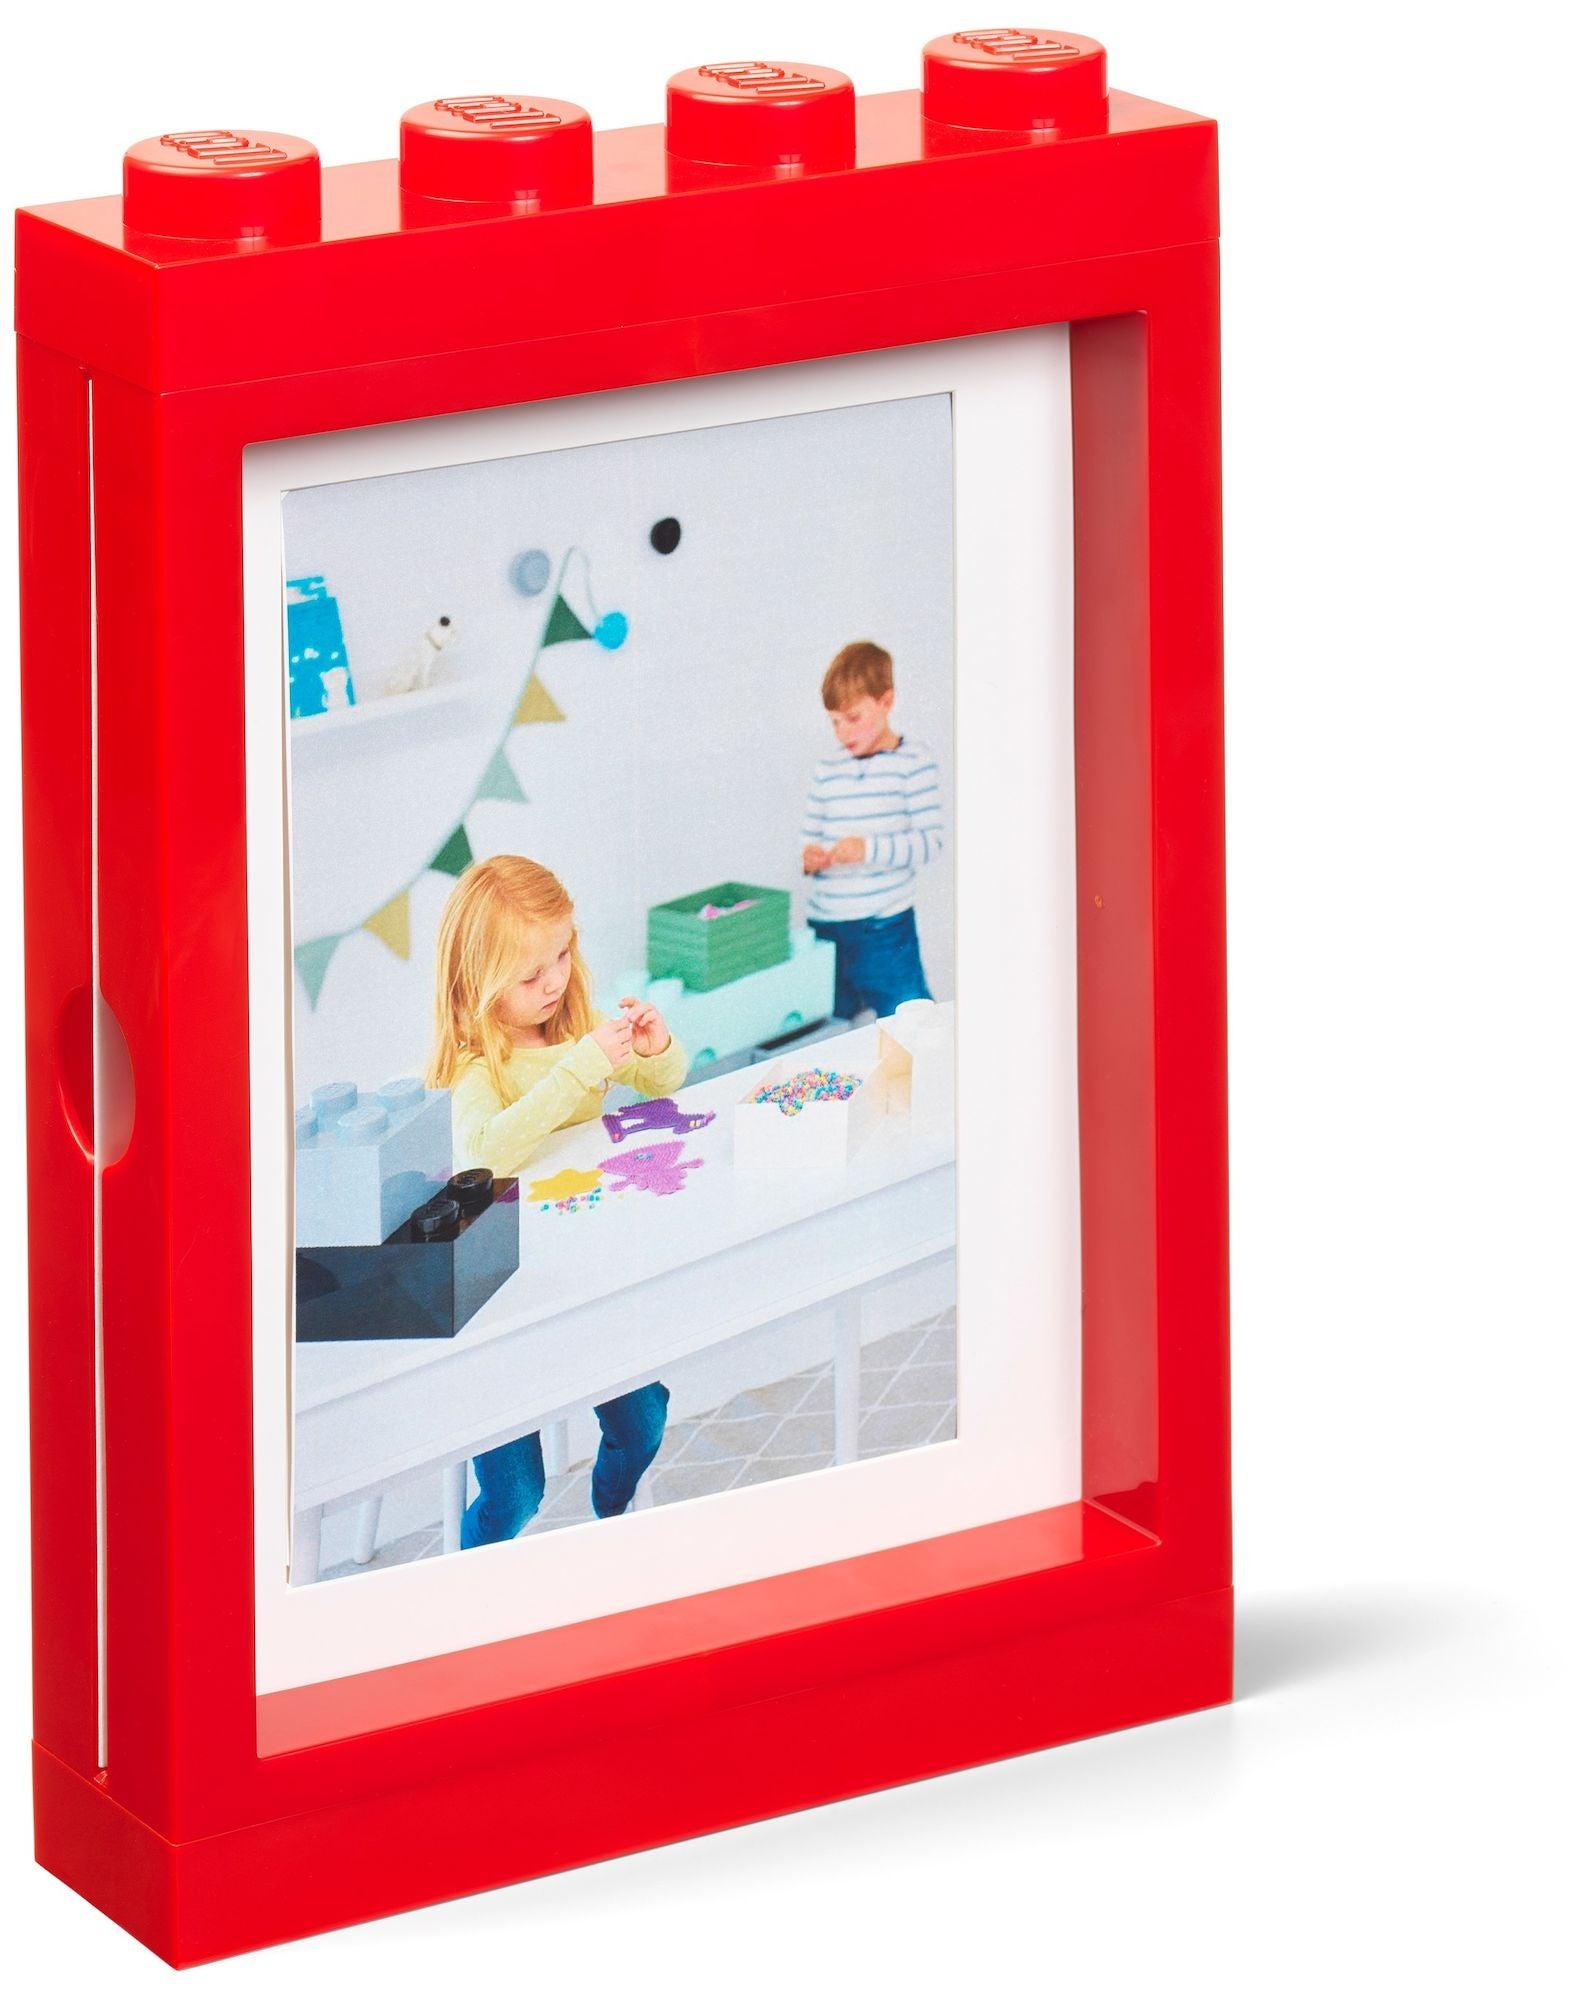 LEGO valokuvakehys, Punainen